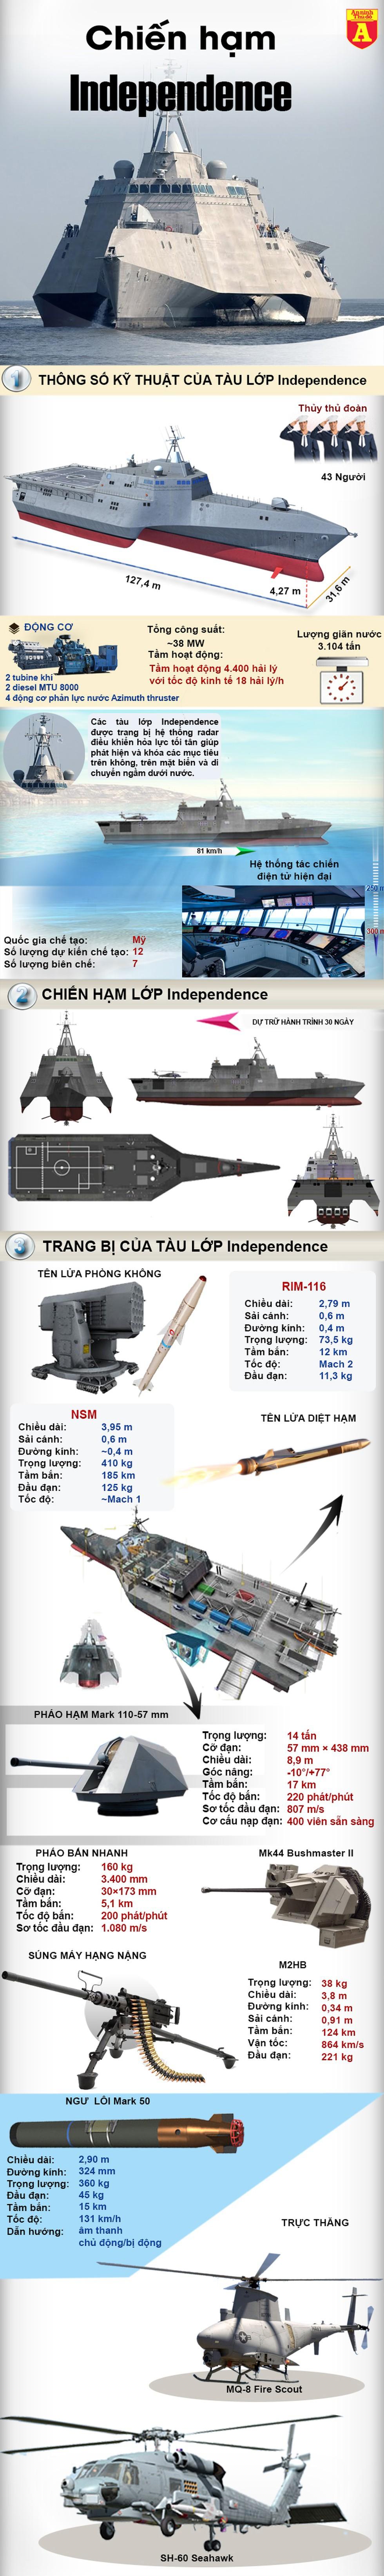 """[Infographic] Chiến hạm """"cực dị"""" của Mỹ sát cánh cùng Đông Nam Á tập trận - Ảnh 1"""